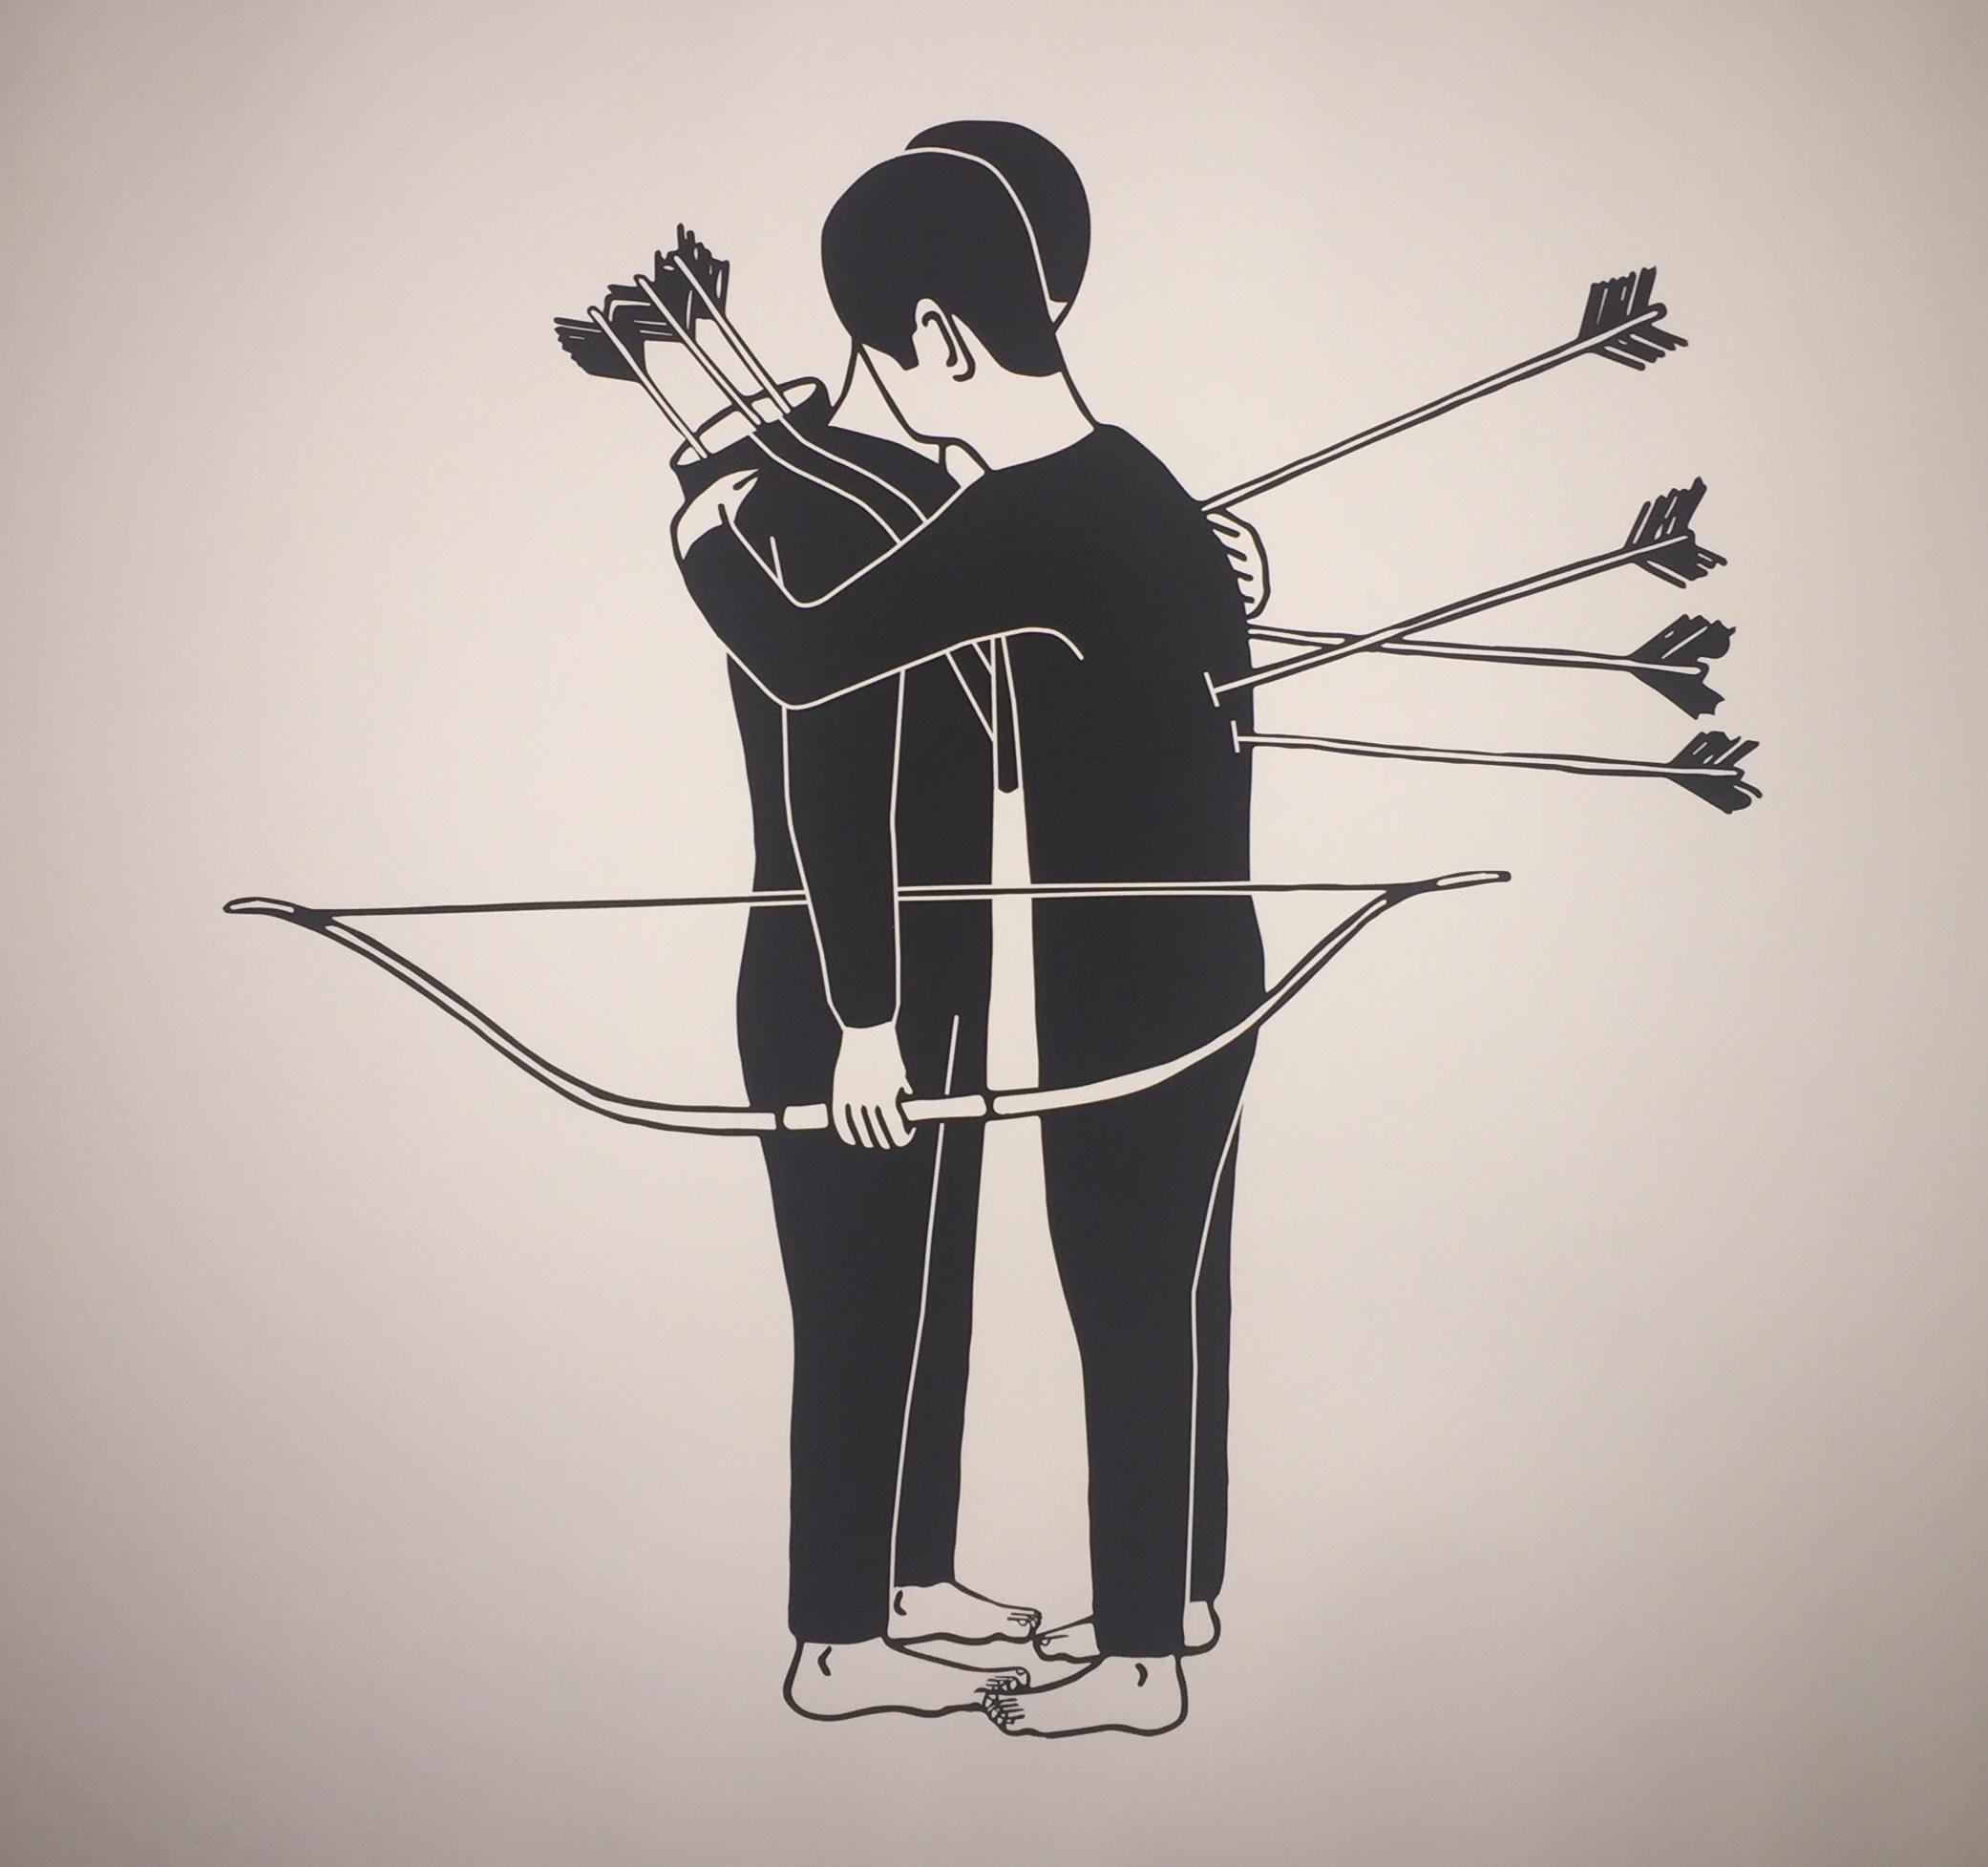 Forgiveness - Art by Scott Erickson